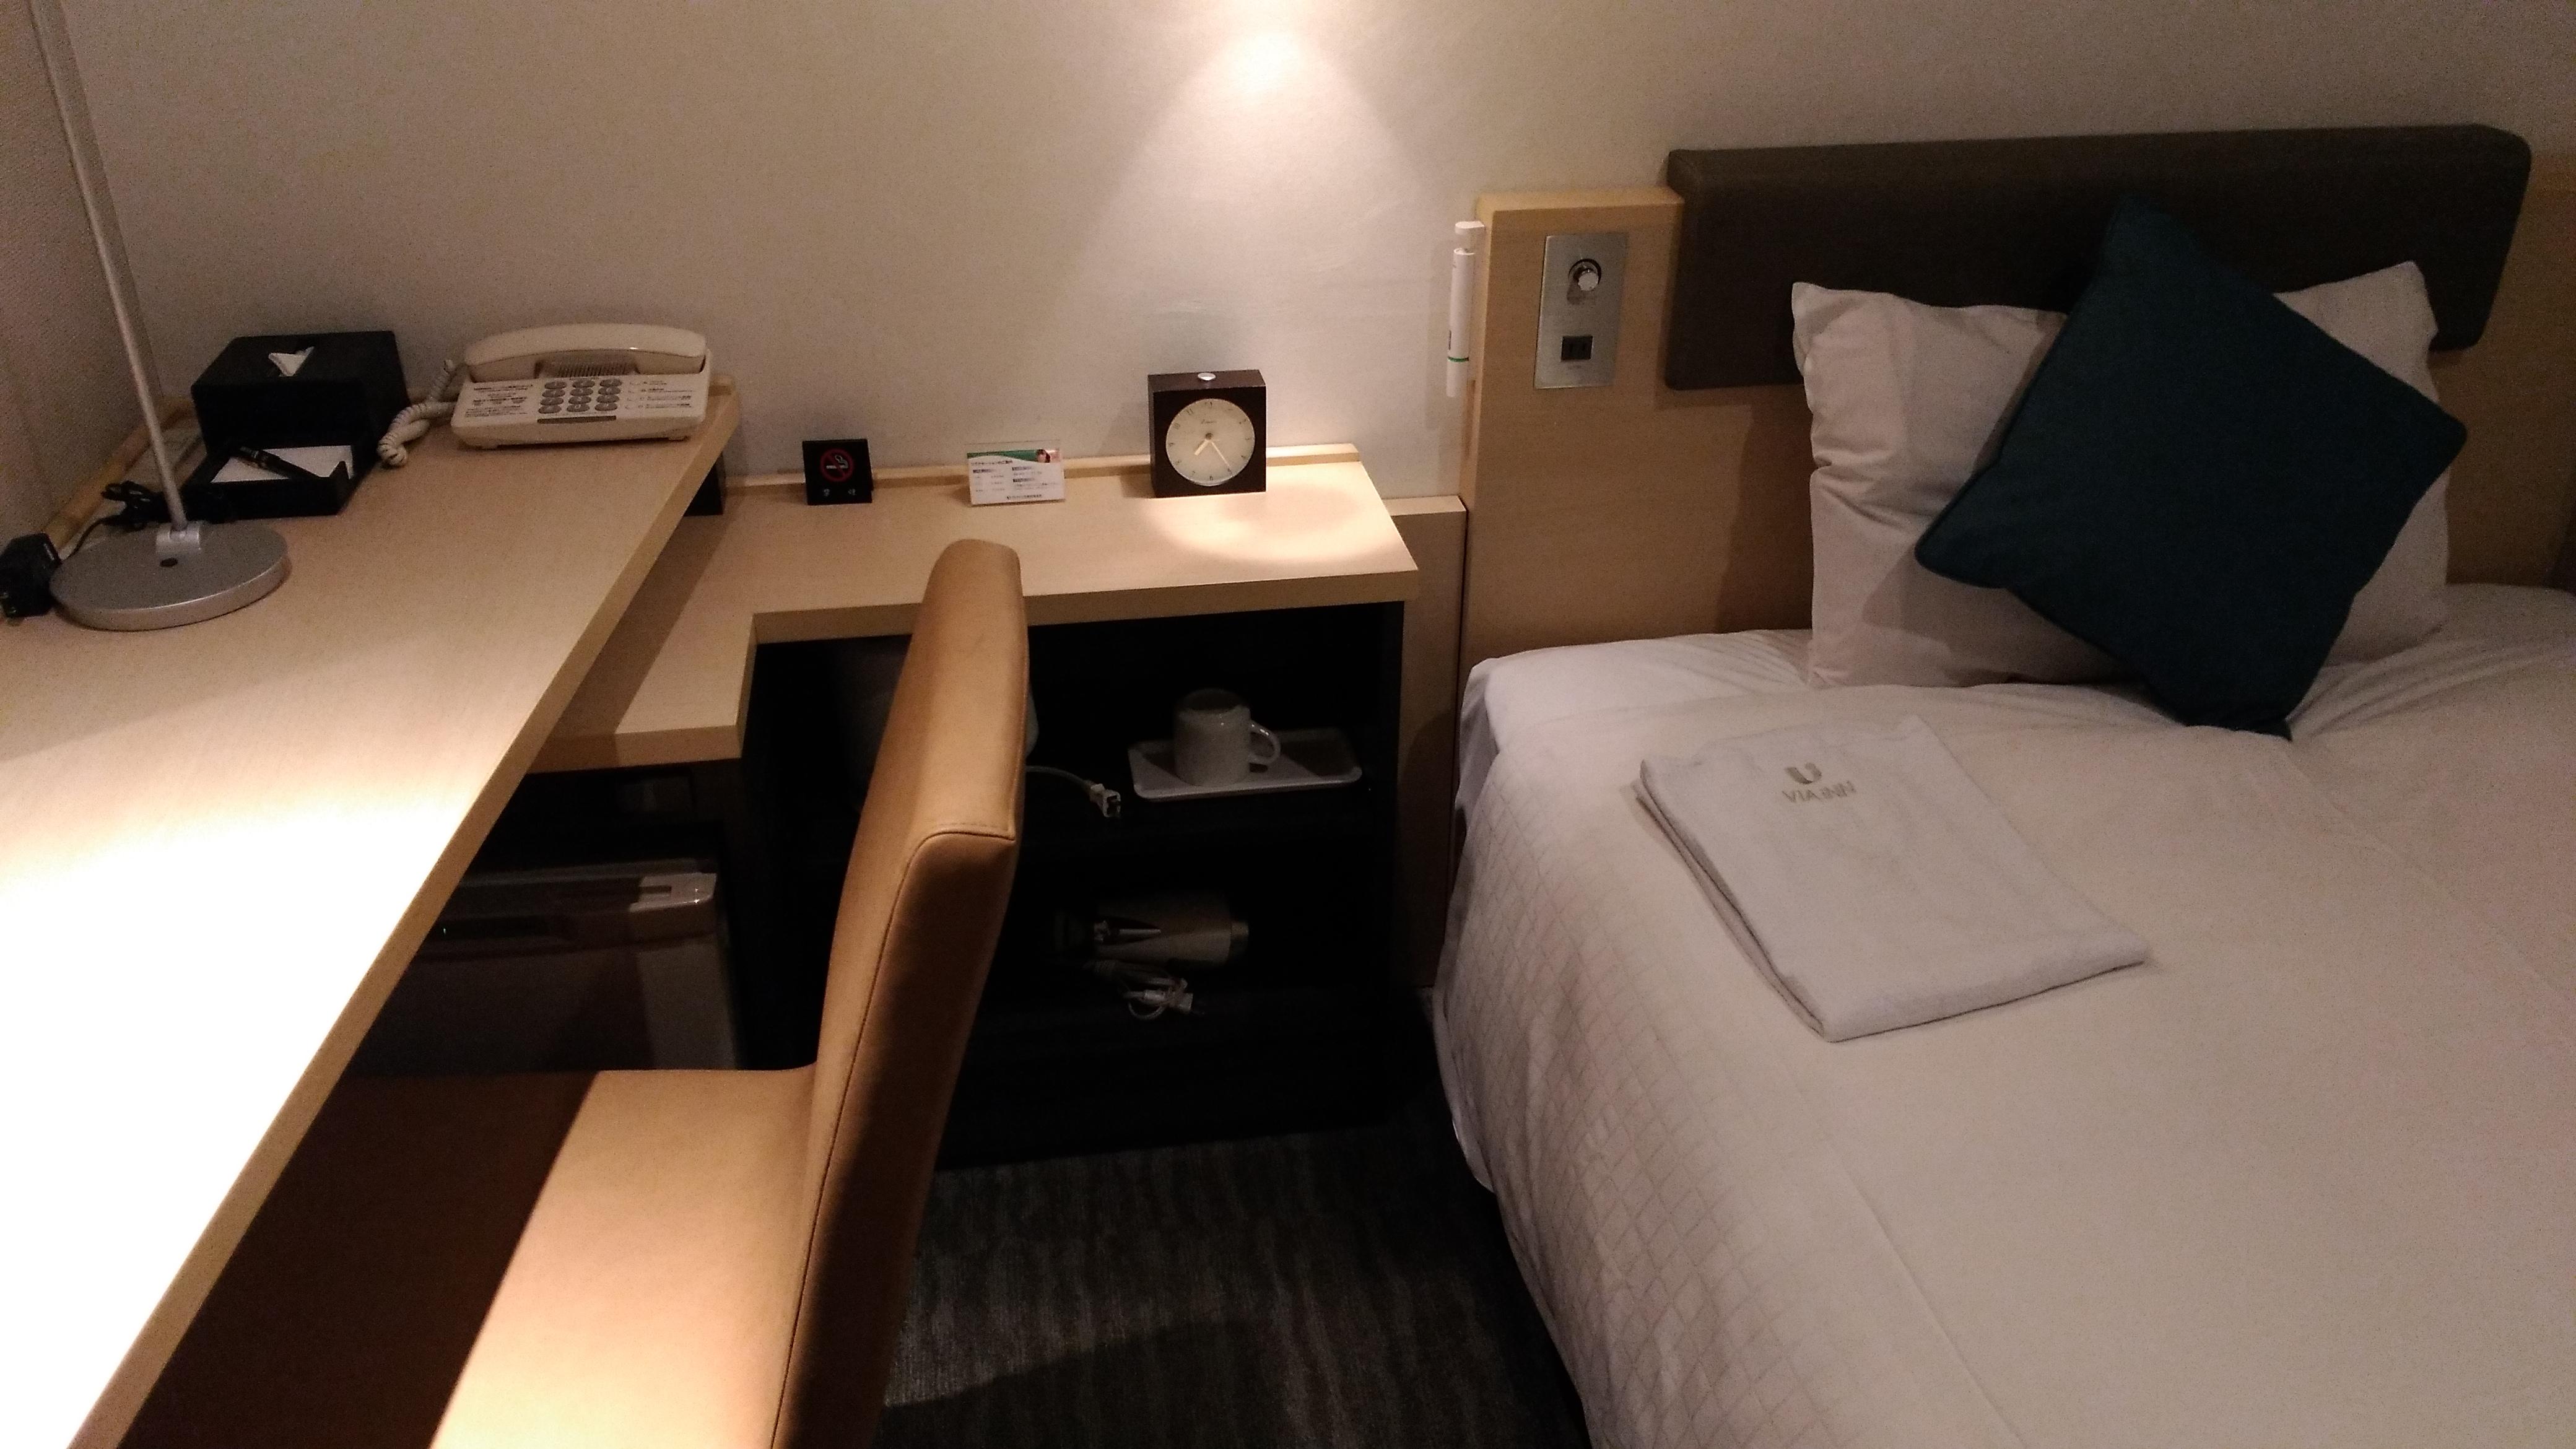 京都旅行の際は、リーズナブル、便利、清潔なホテル【ヴィアイン京都室町】に宿泊されるのはいかがでしょうか? -リピーターのための、おすすめ京都の穴場ガイド-